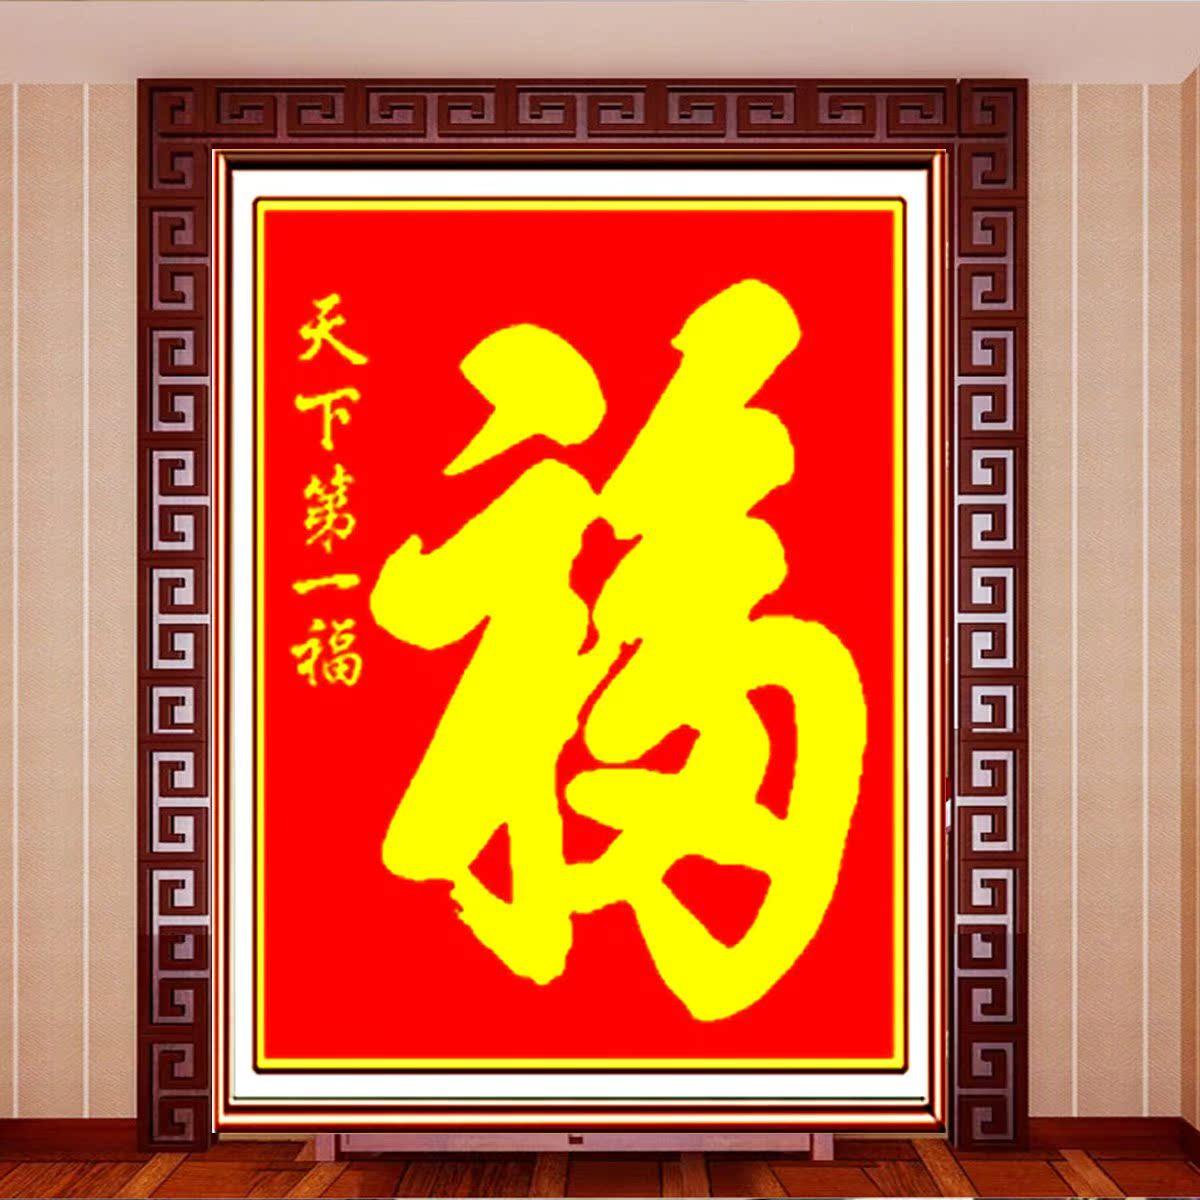 十字绣福字康熙字体天下第一福新款客厅画书房画丝线珠绣系列正品图片